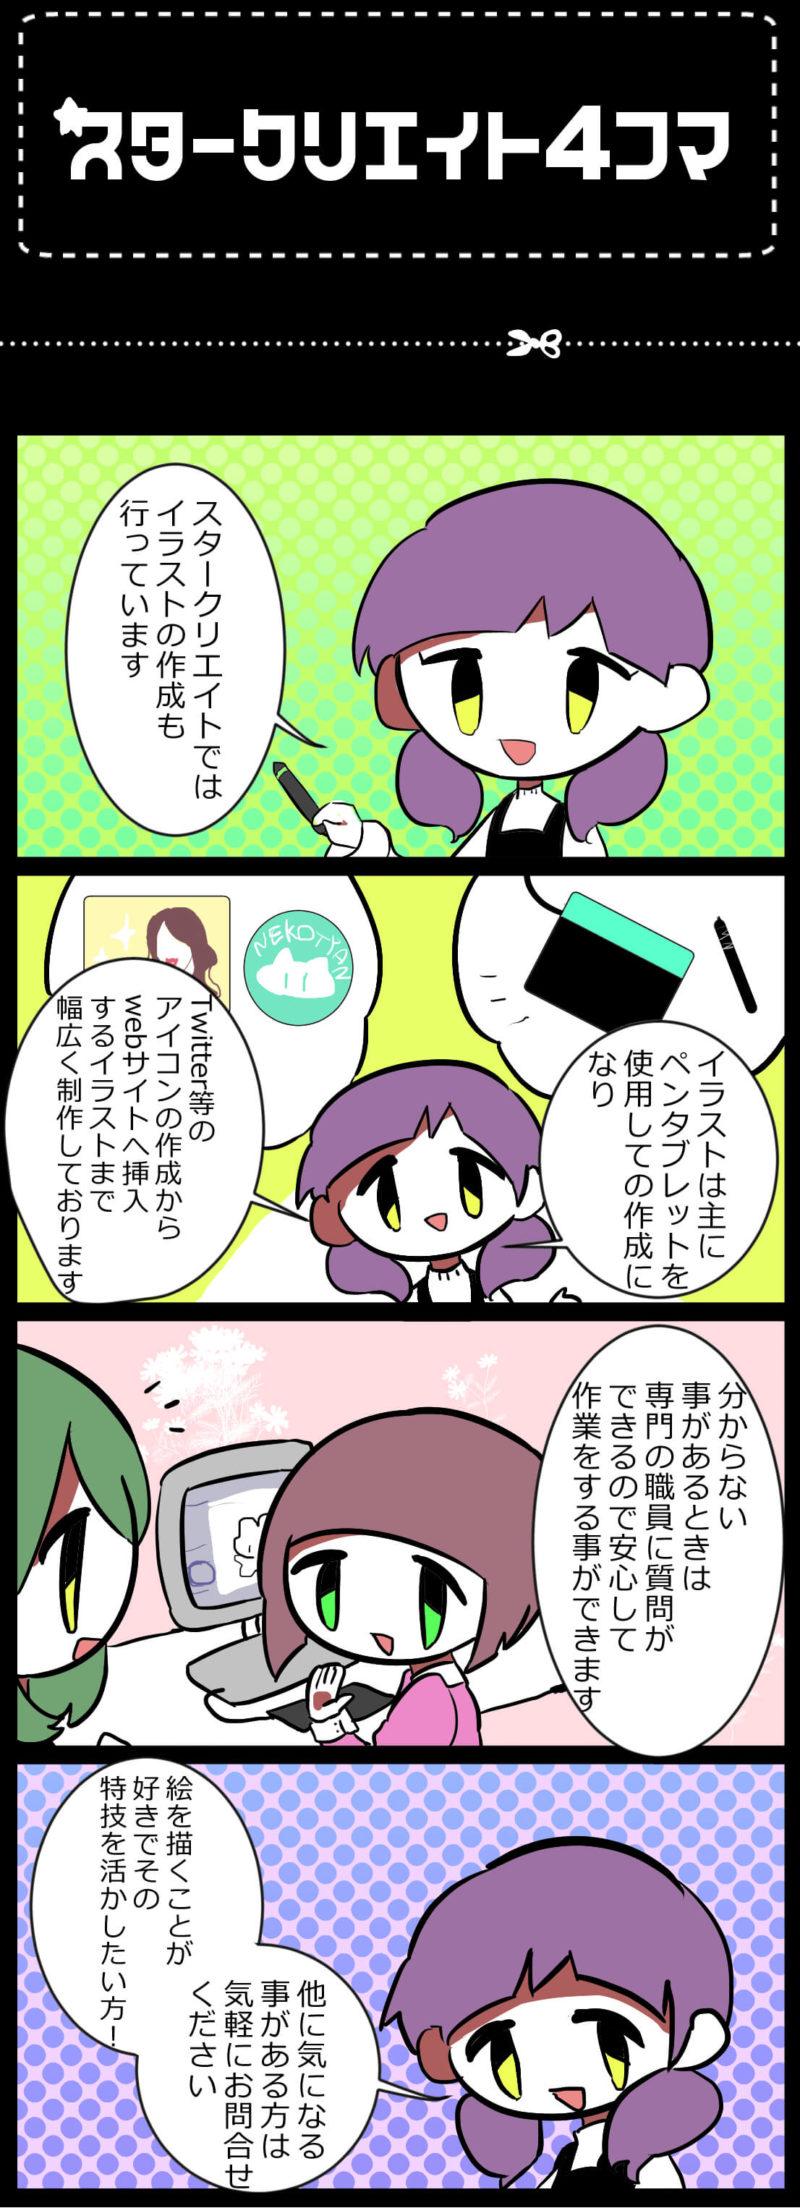 イラスト・漫画制作4コマ